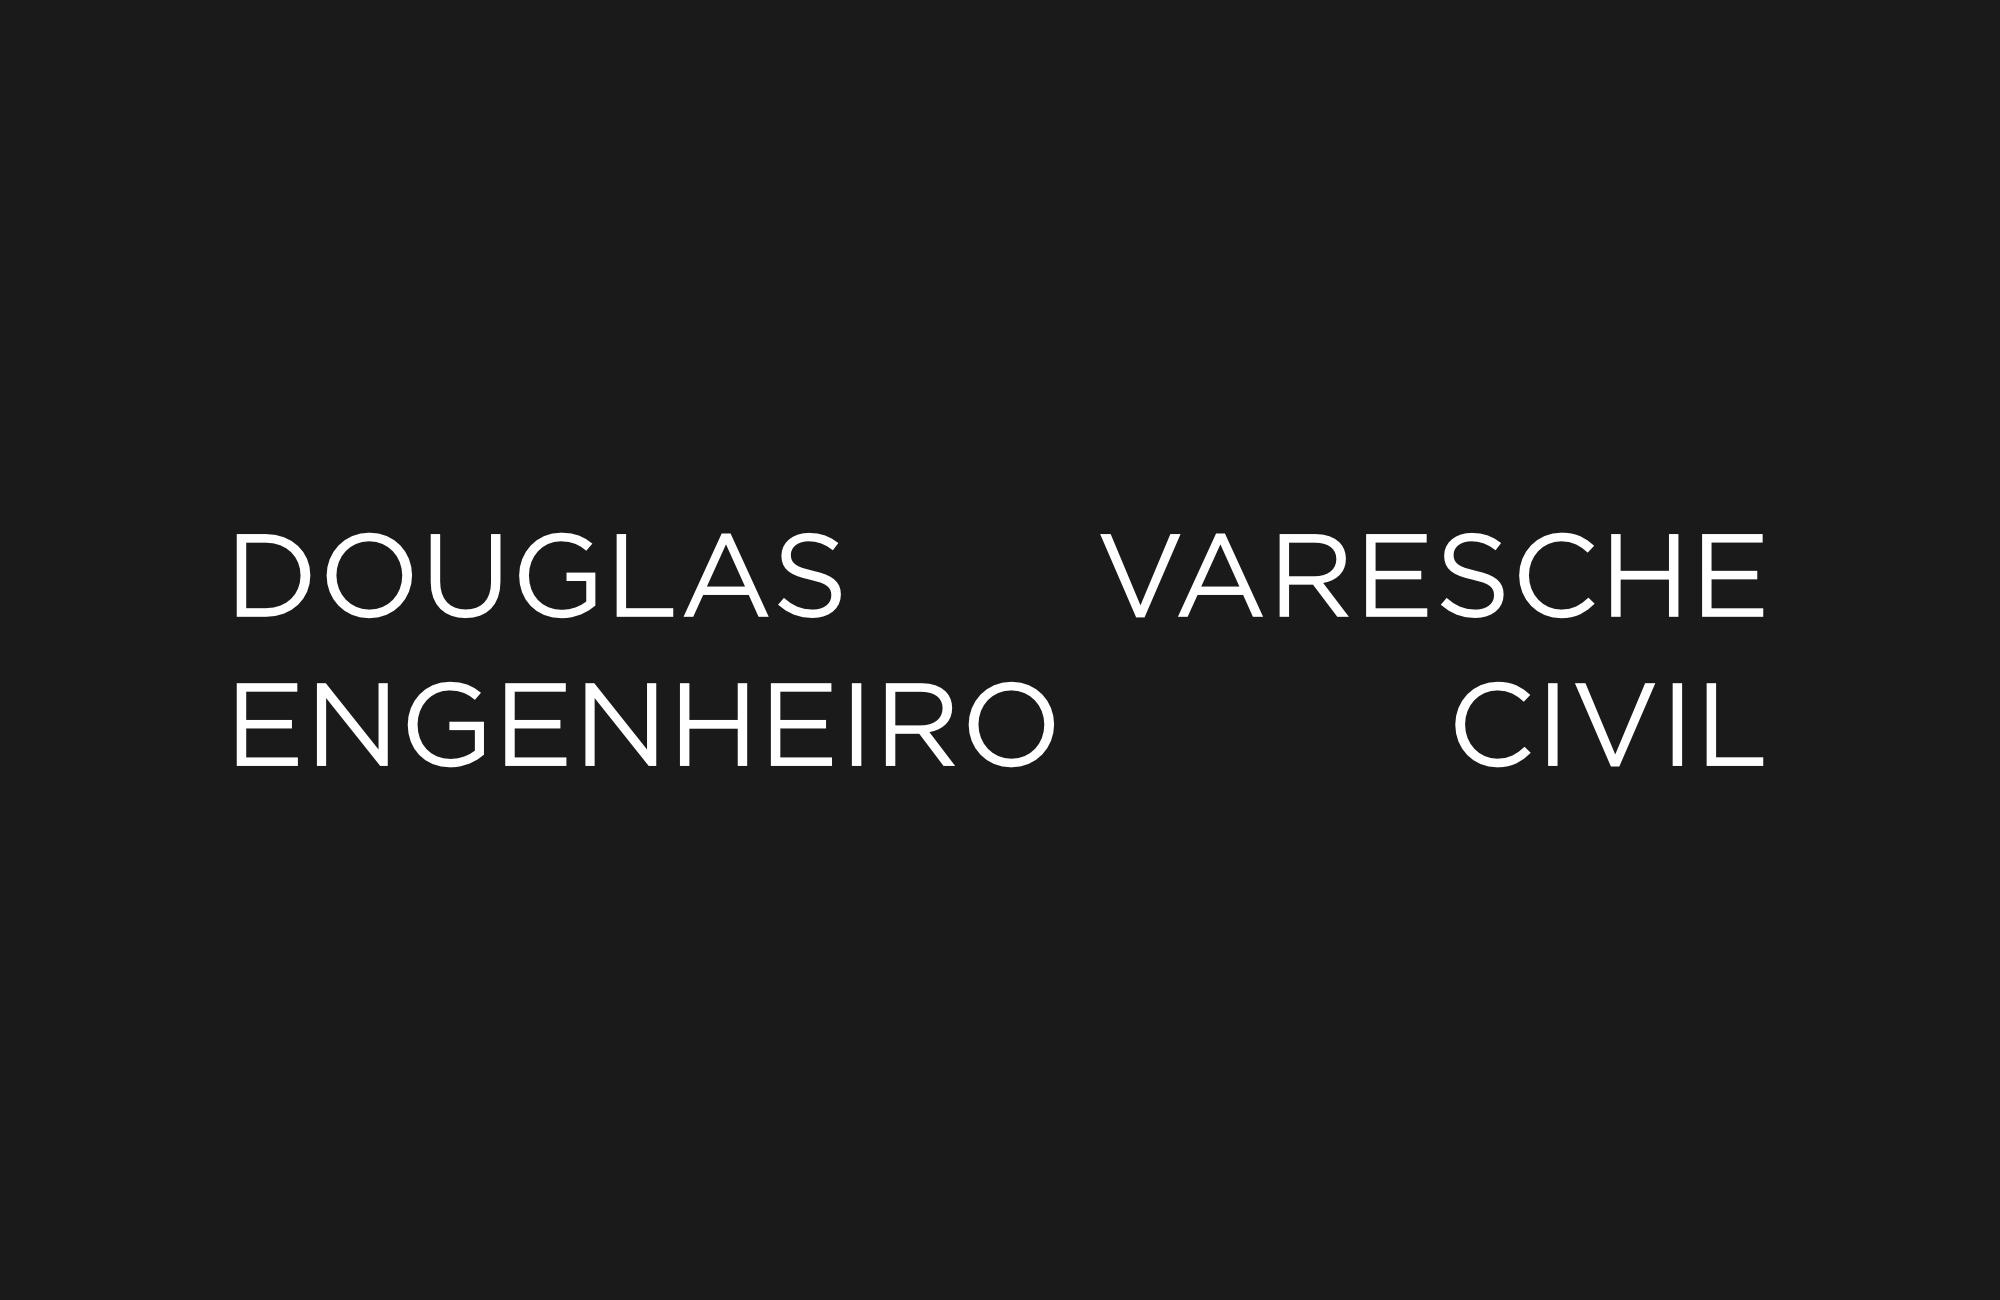 Eng. Douglas Varesche